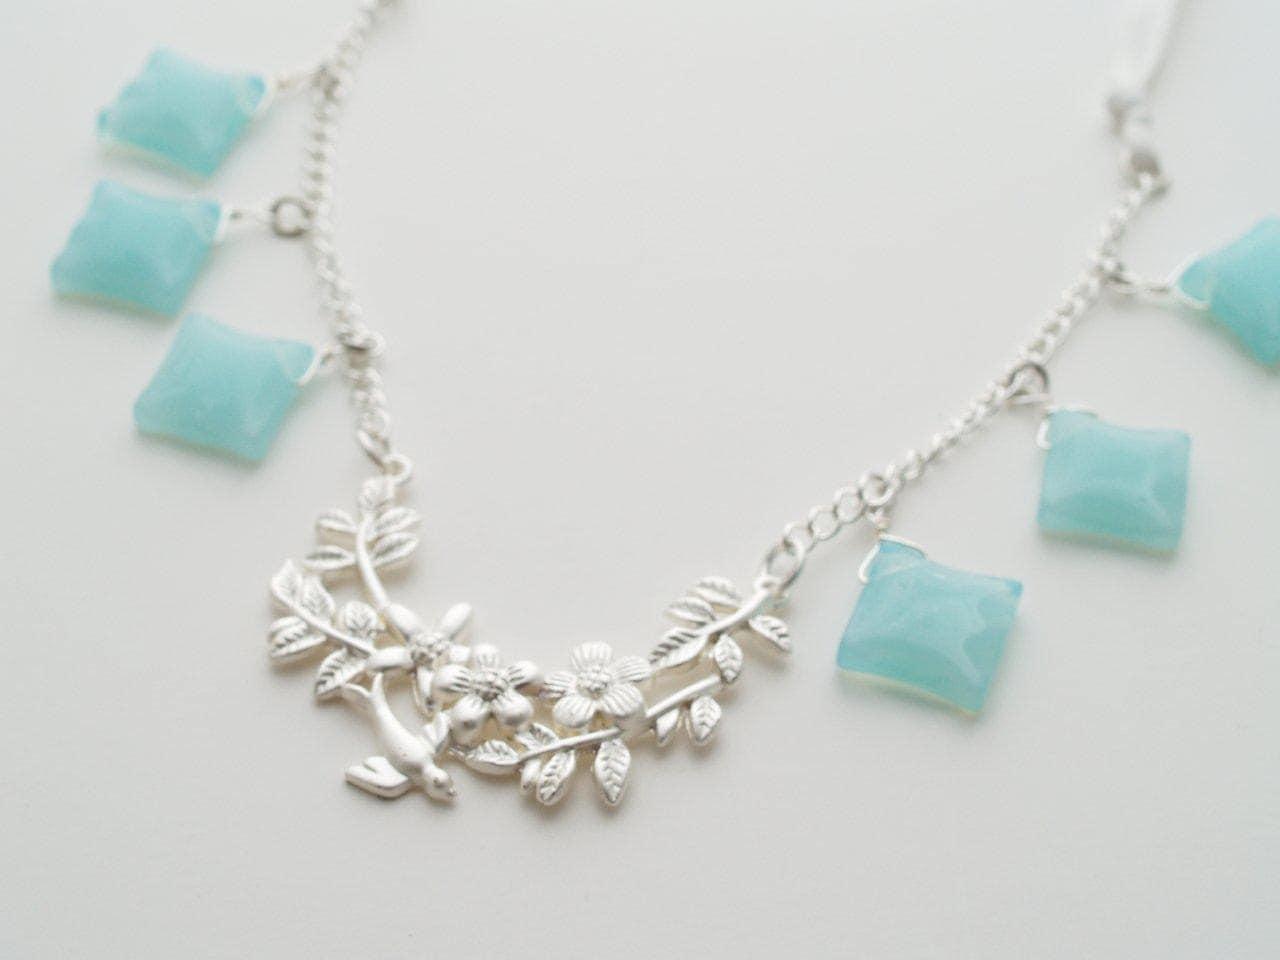 Aqua Drops Necklace